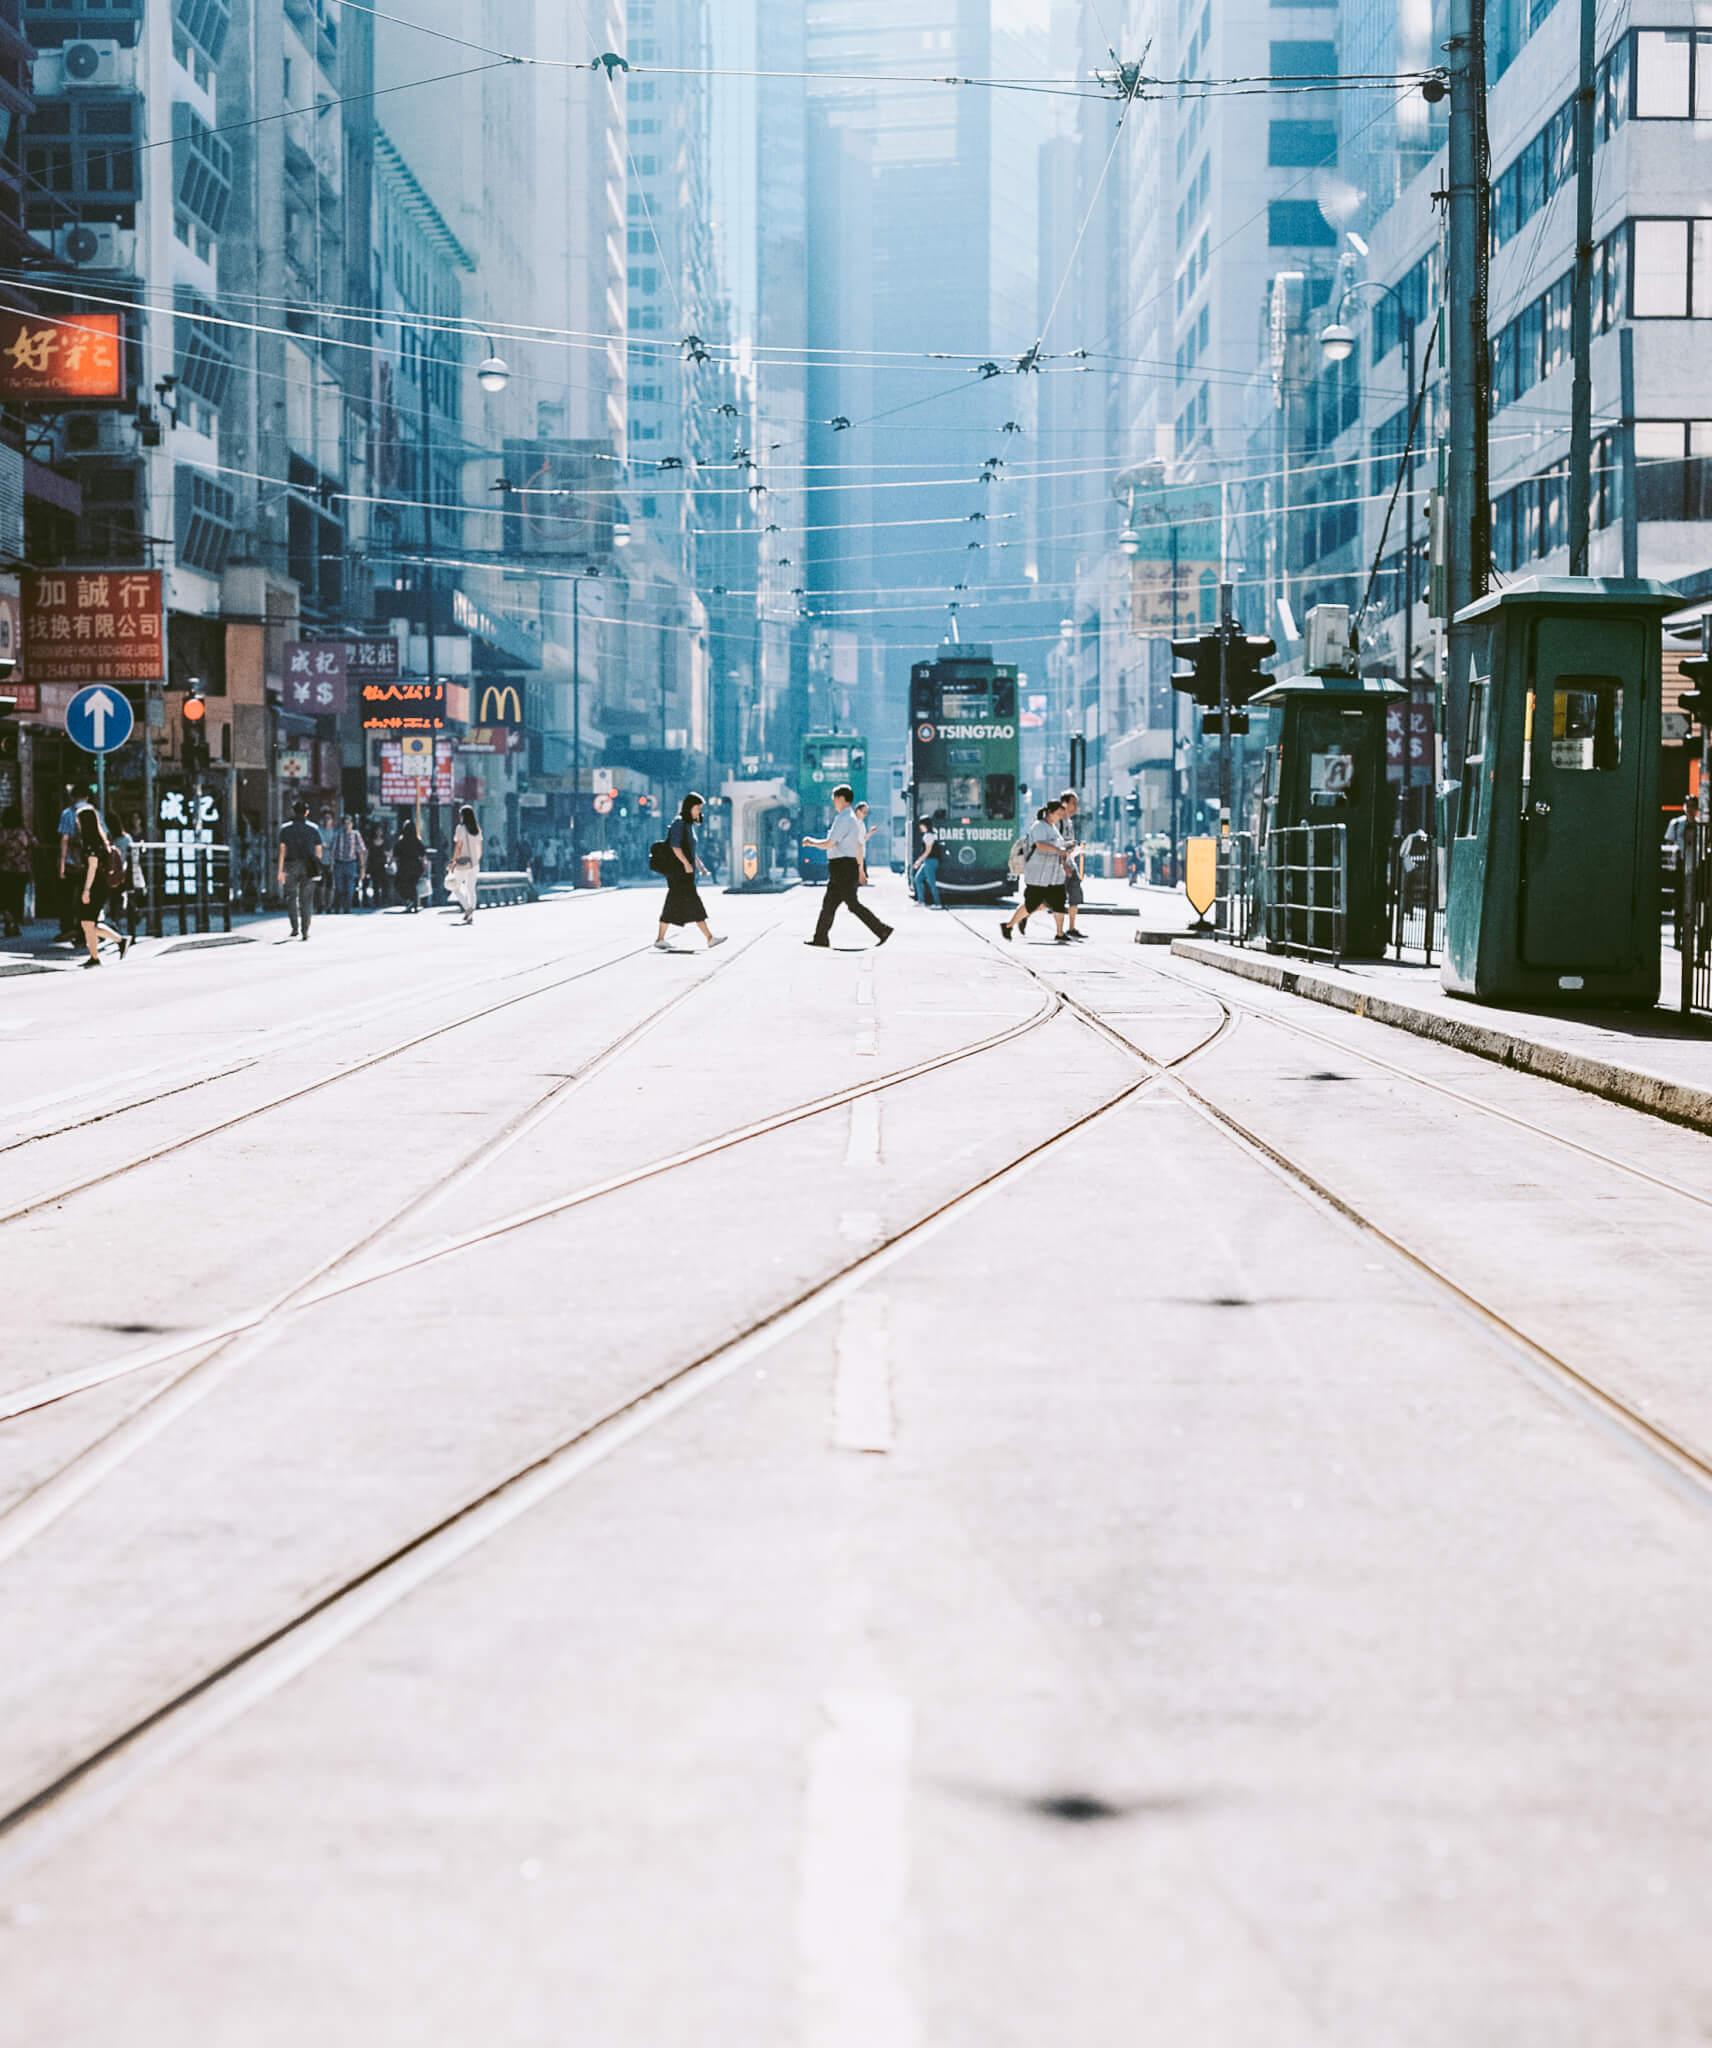 他以喜歡的西環、上環,為拍攝起點,發現沖曬出來的電車路照片很美,「不是exactly以前香港,是有點mix以前香港味道之餘,也有現時香港的景貌。」